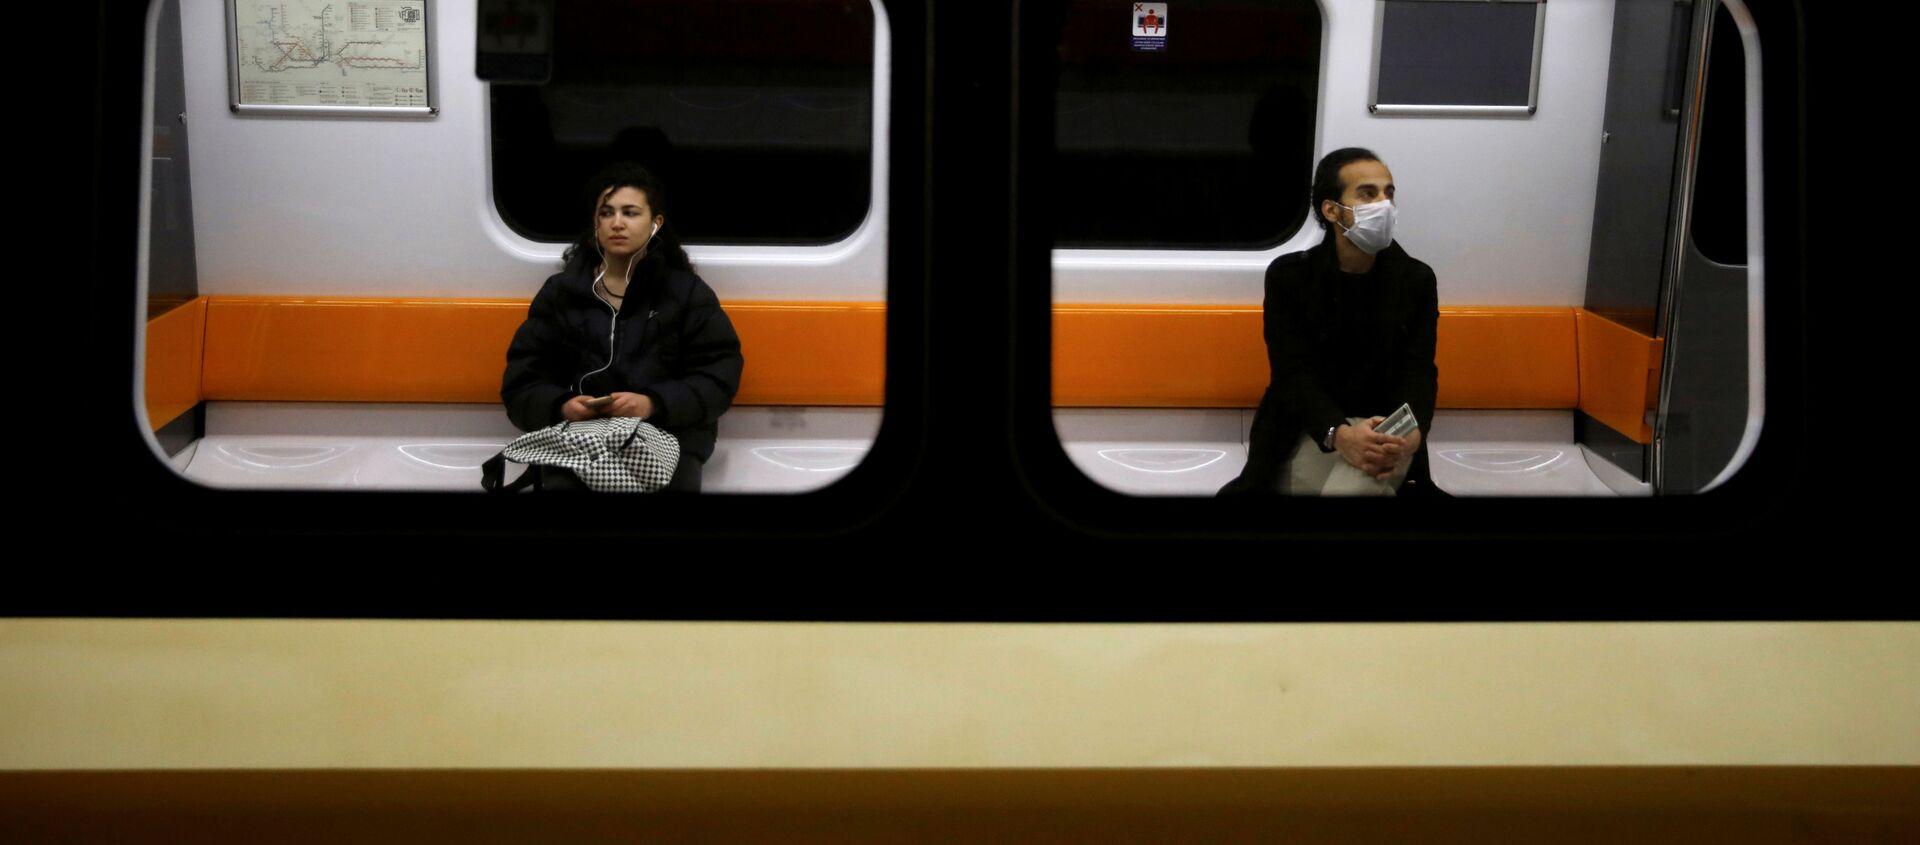 Dos personas mantienen la distancia en un tren por coronavirus - Sputnik Mundo, 1920, 26.03.2020